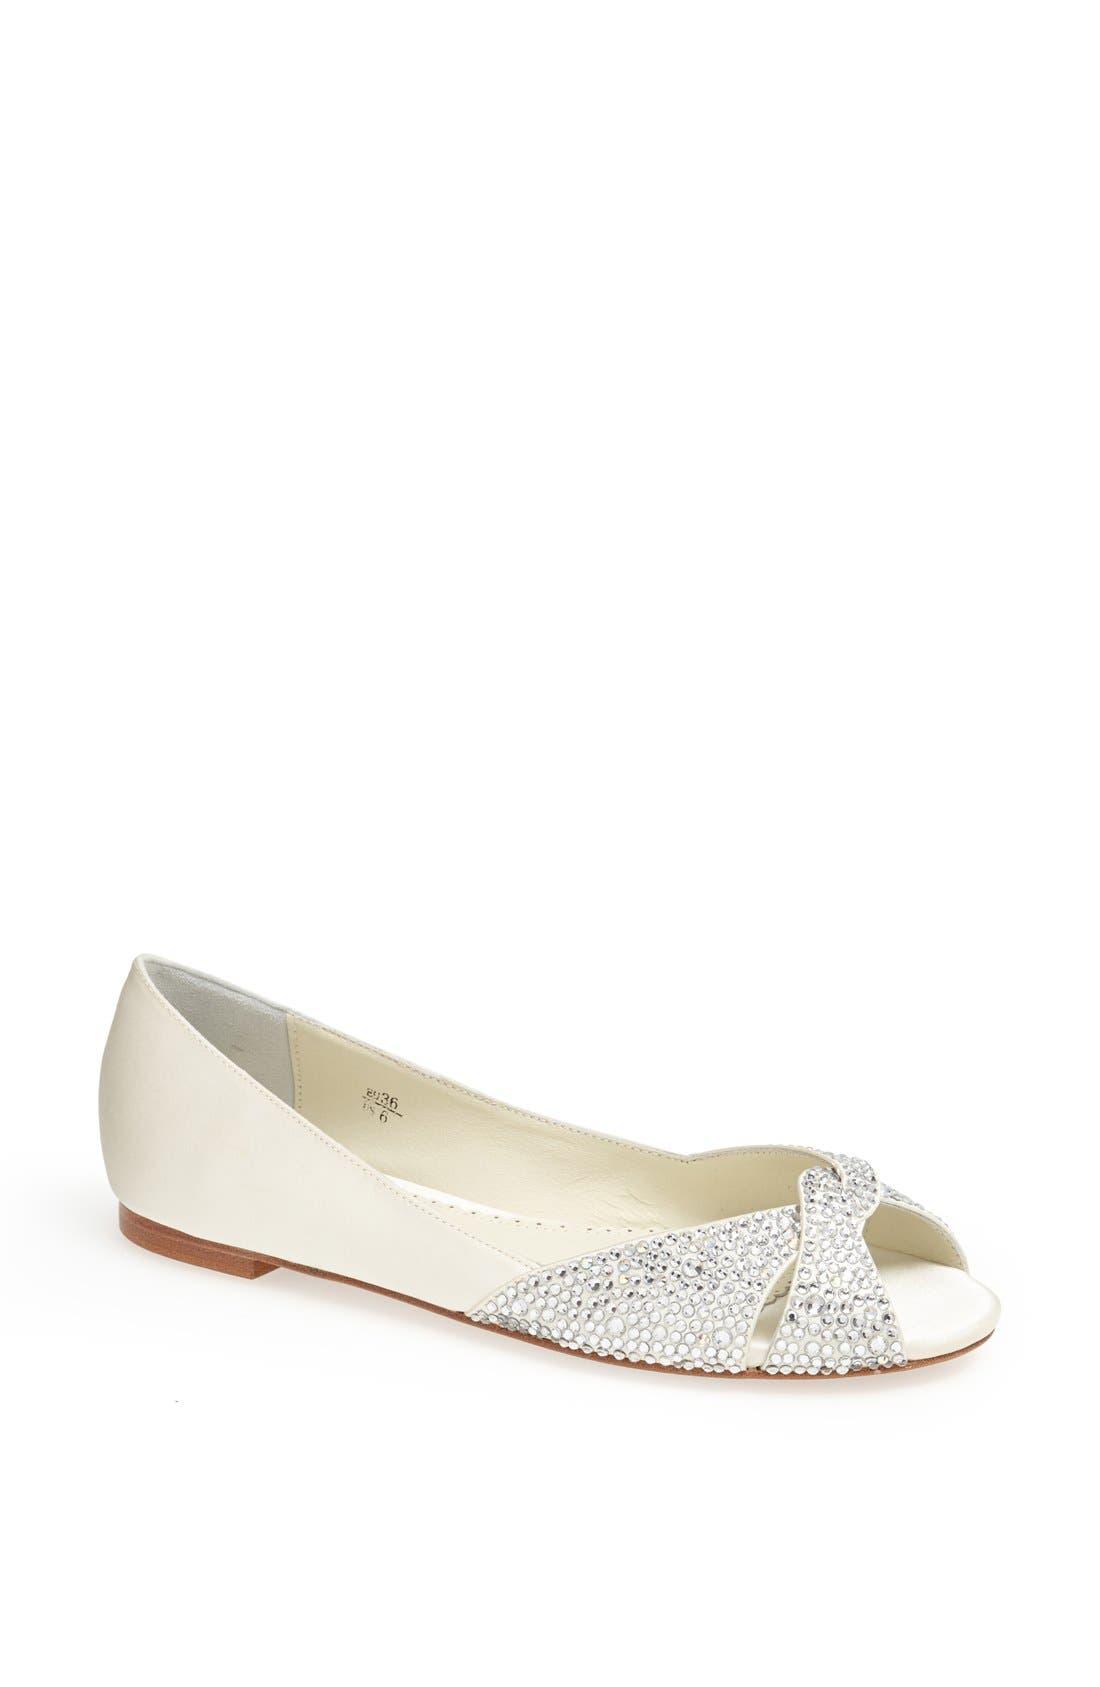 Alternate Image 1 Selected - Benjamin Adams London 'Andie' Crystal Embellished Peep Toe Flat